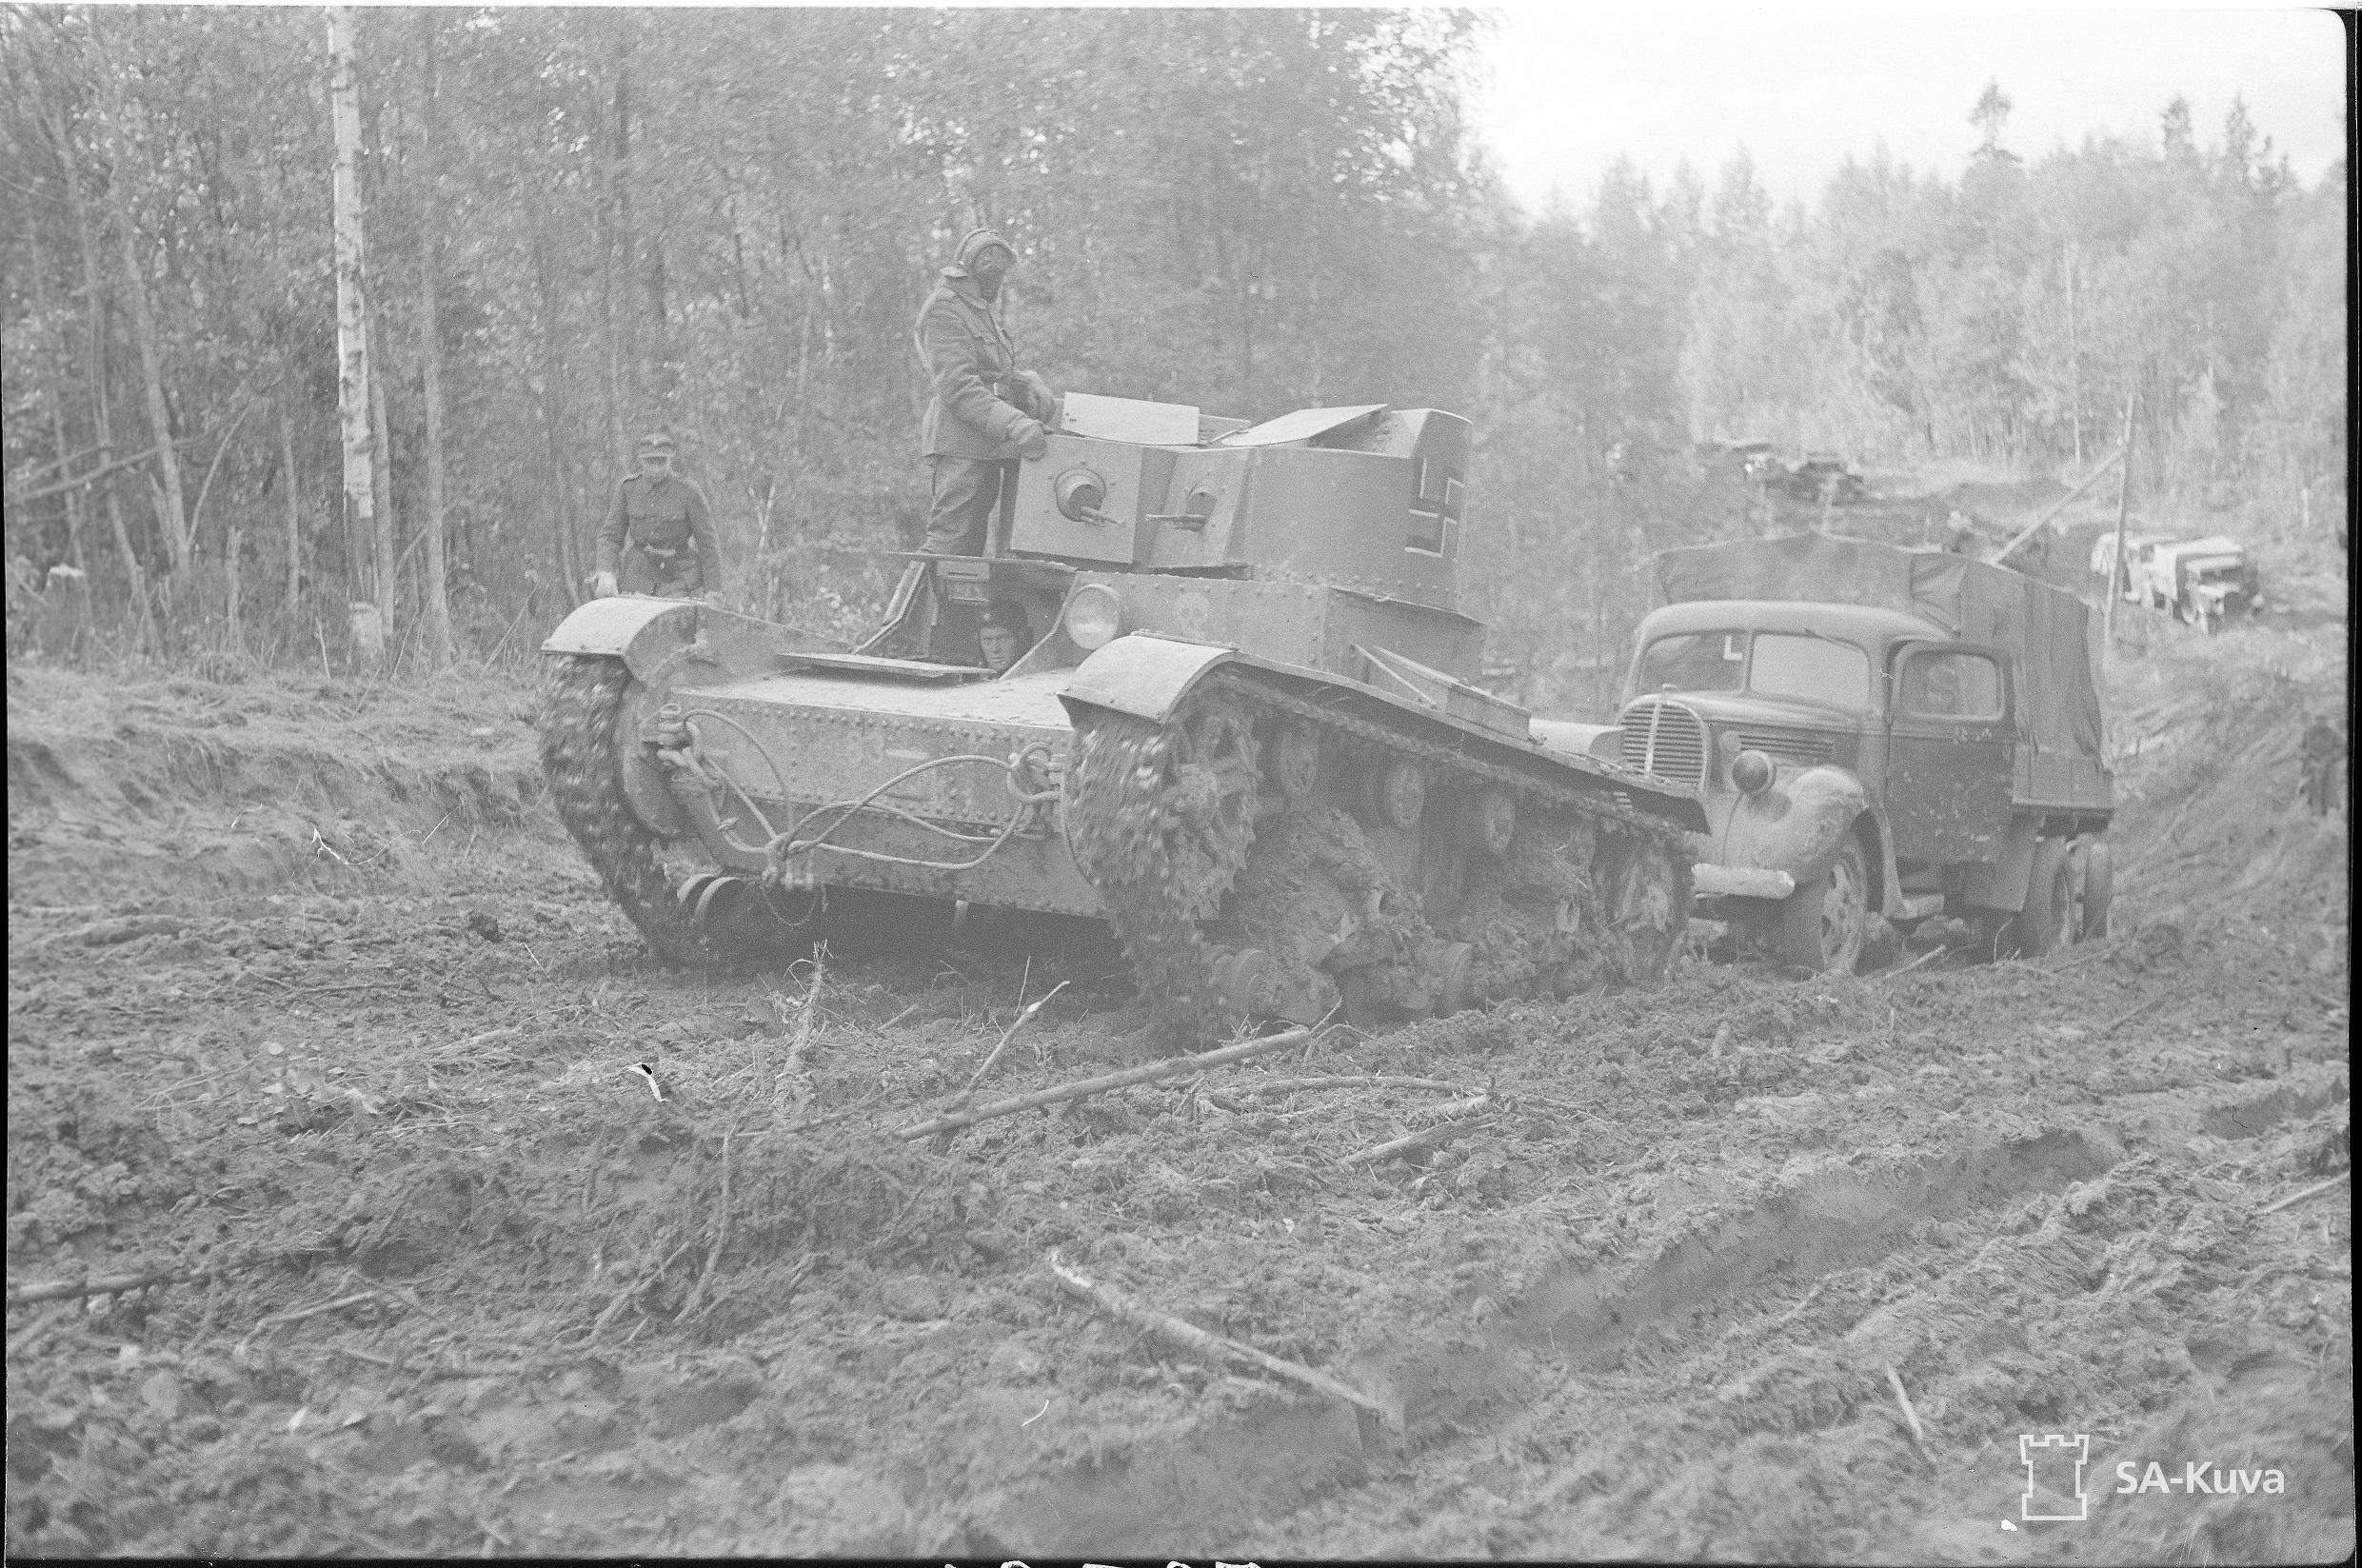 T-26vetää kuorma-autoa syväri